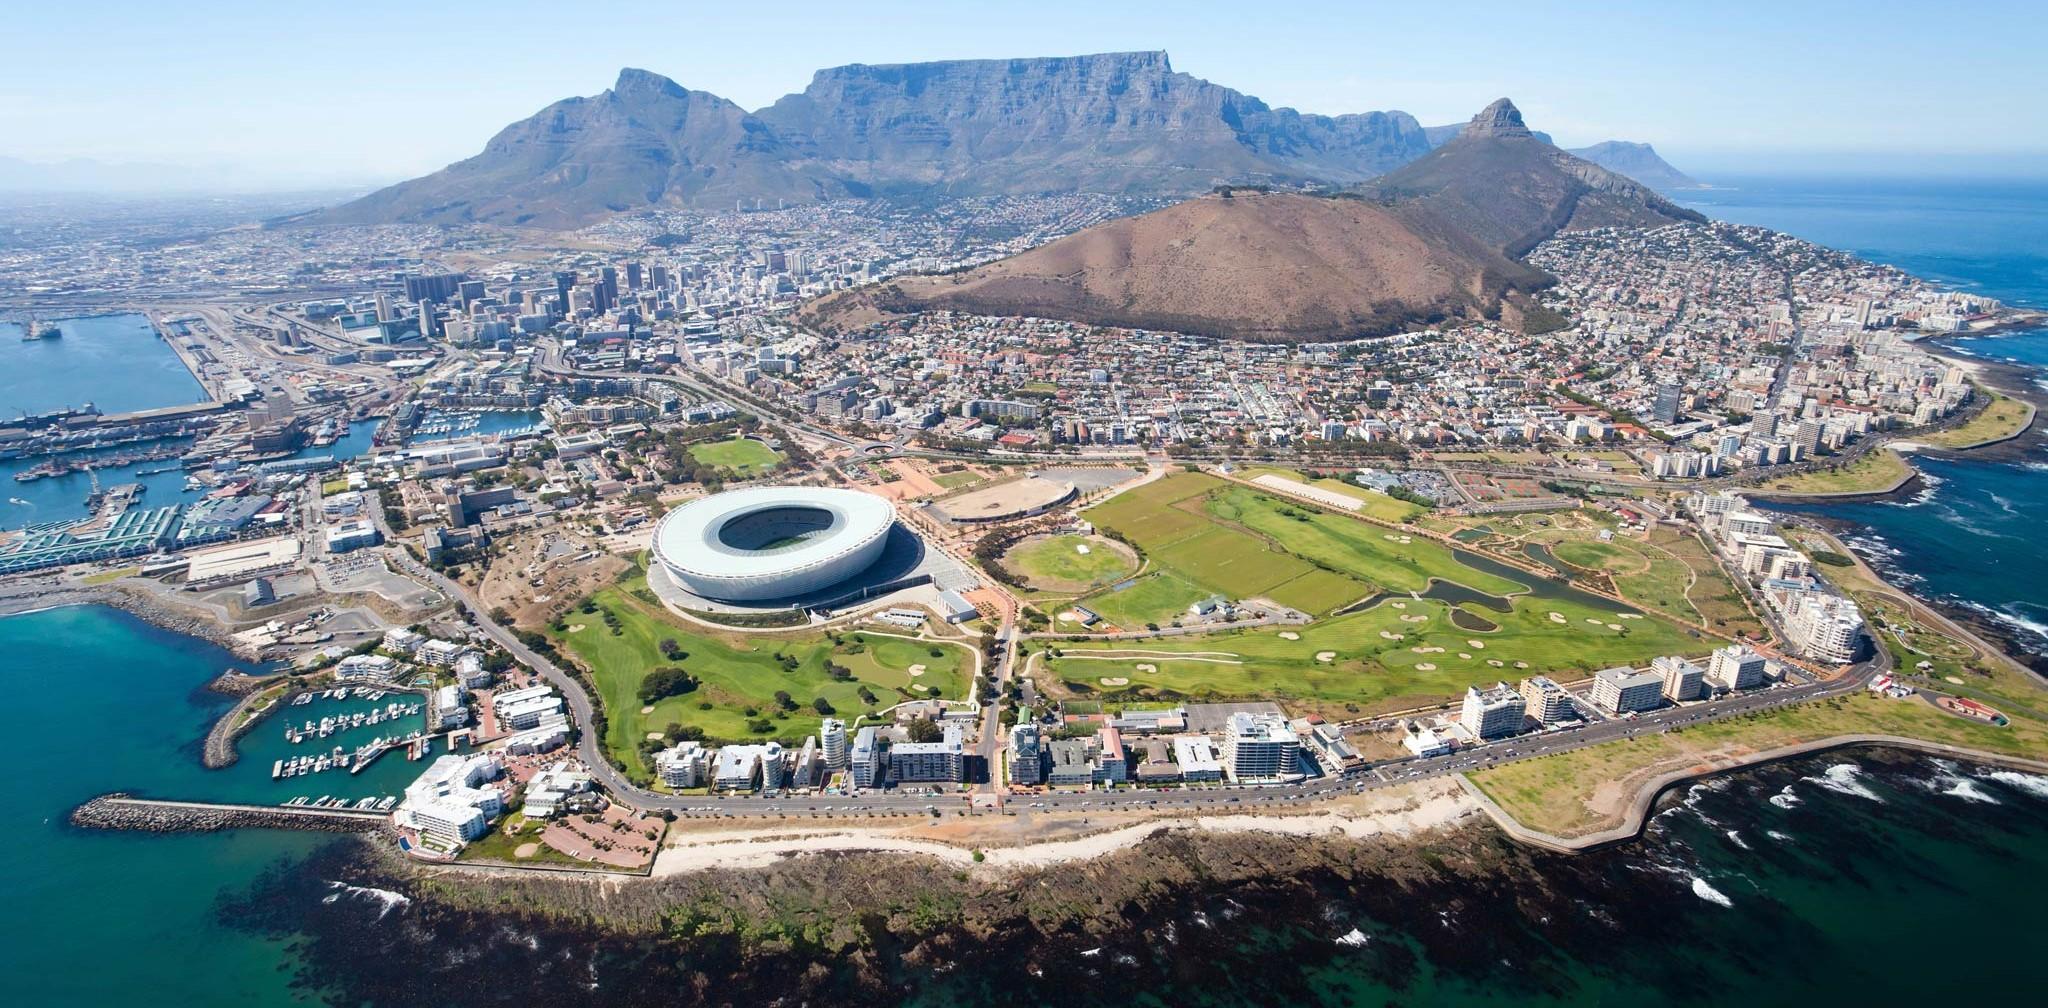 vue aérienne du Cap